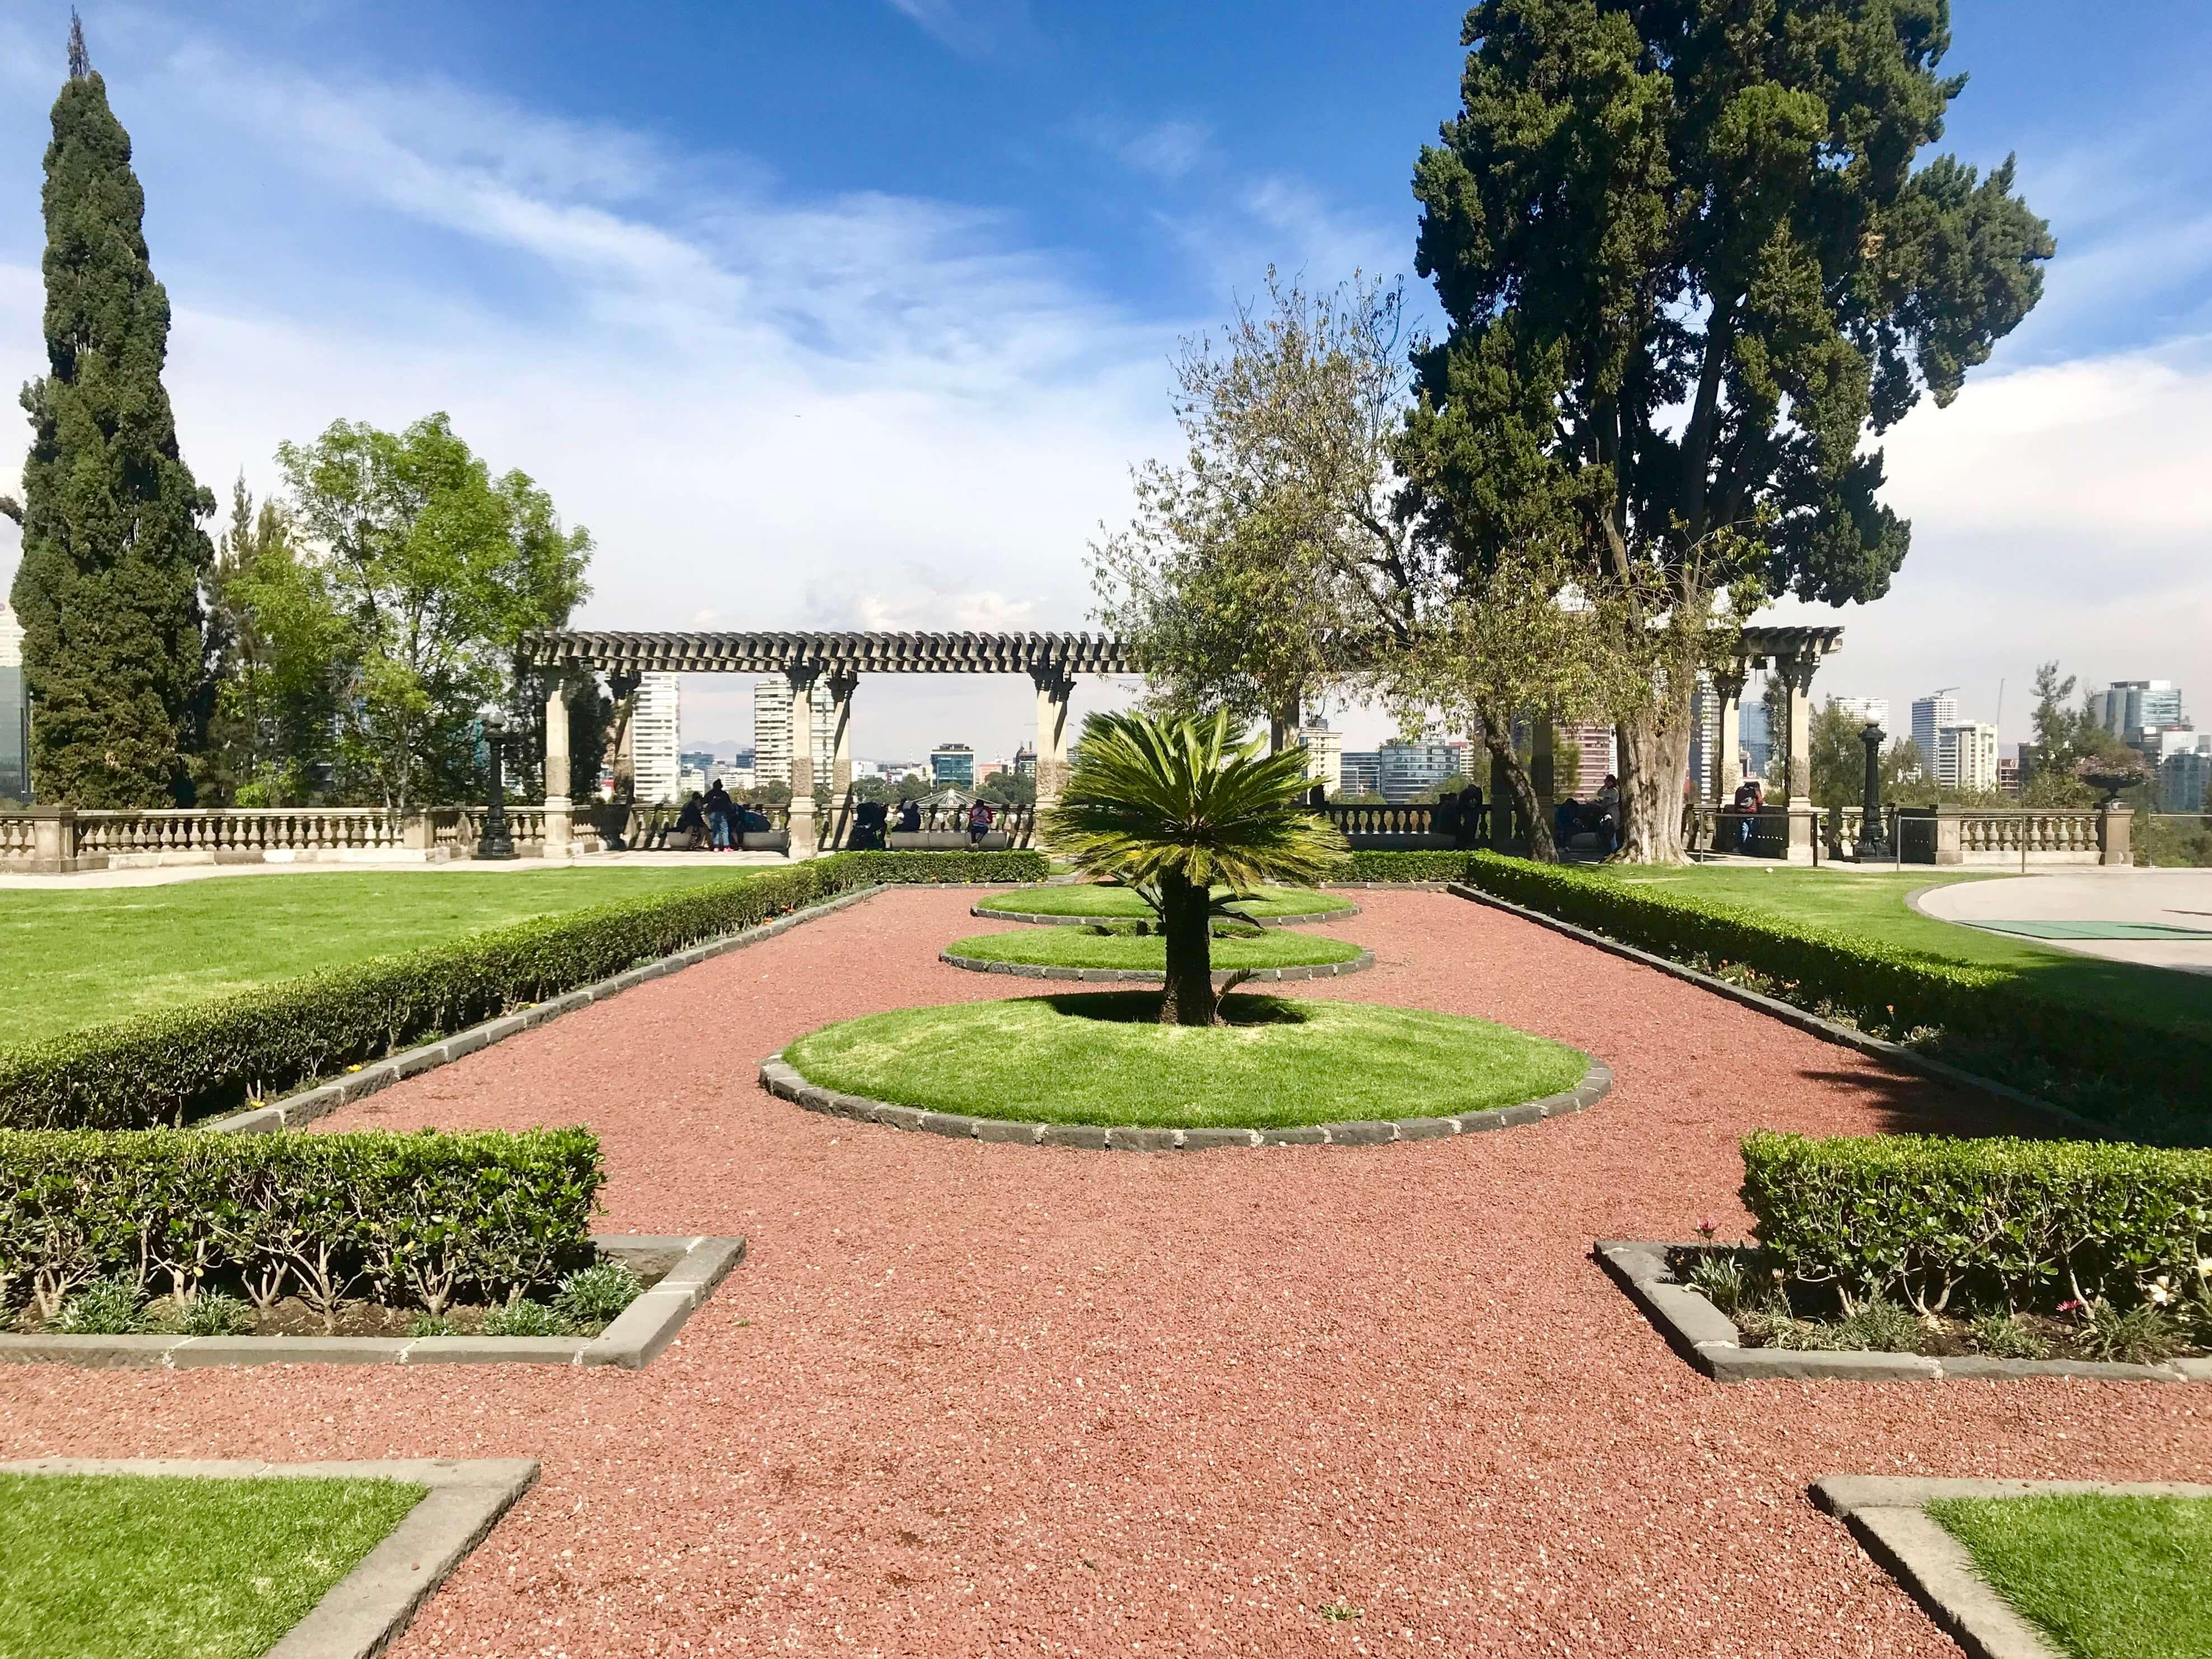 gardens at Castillo de Chapultepec